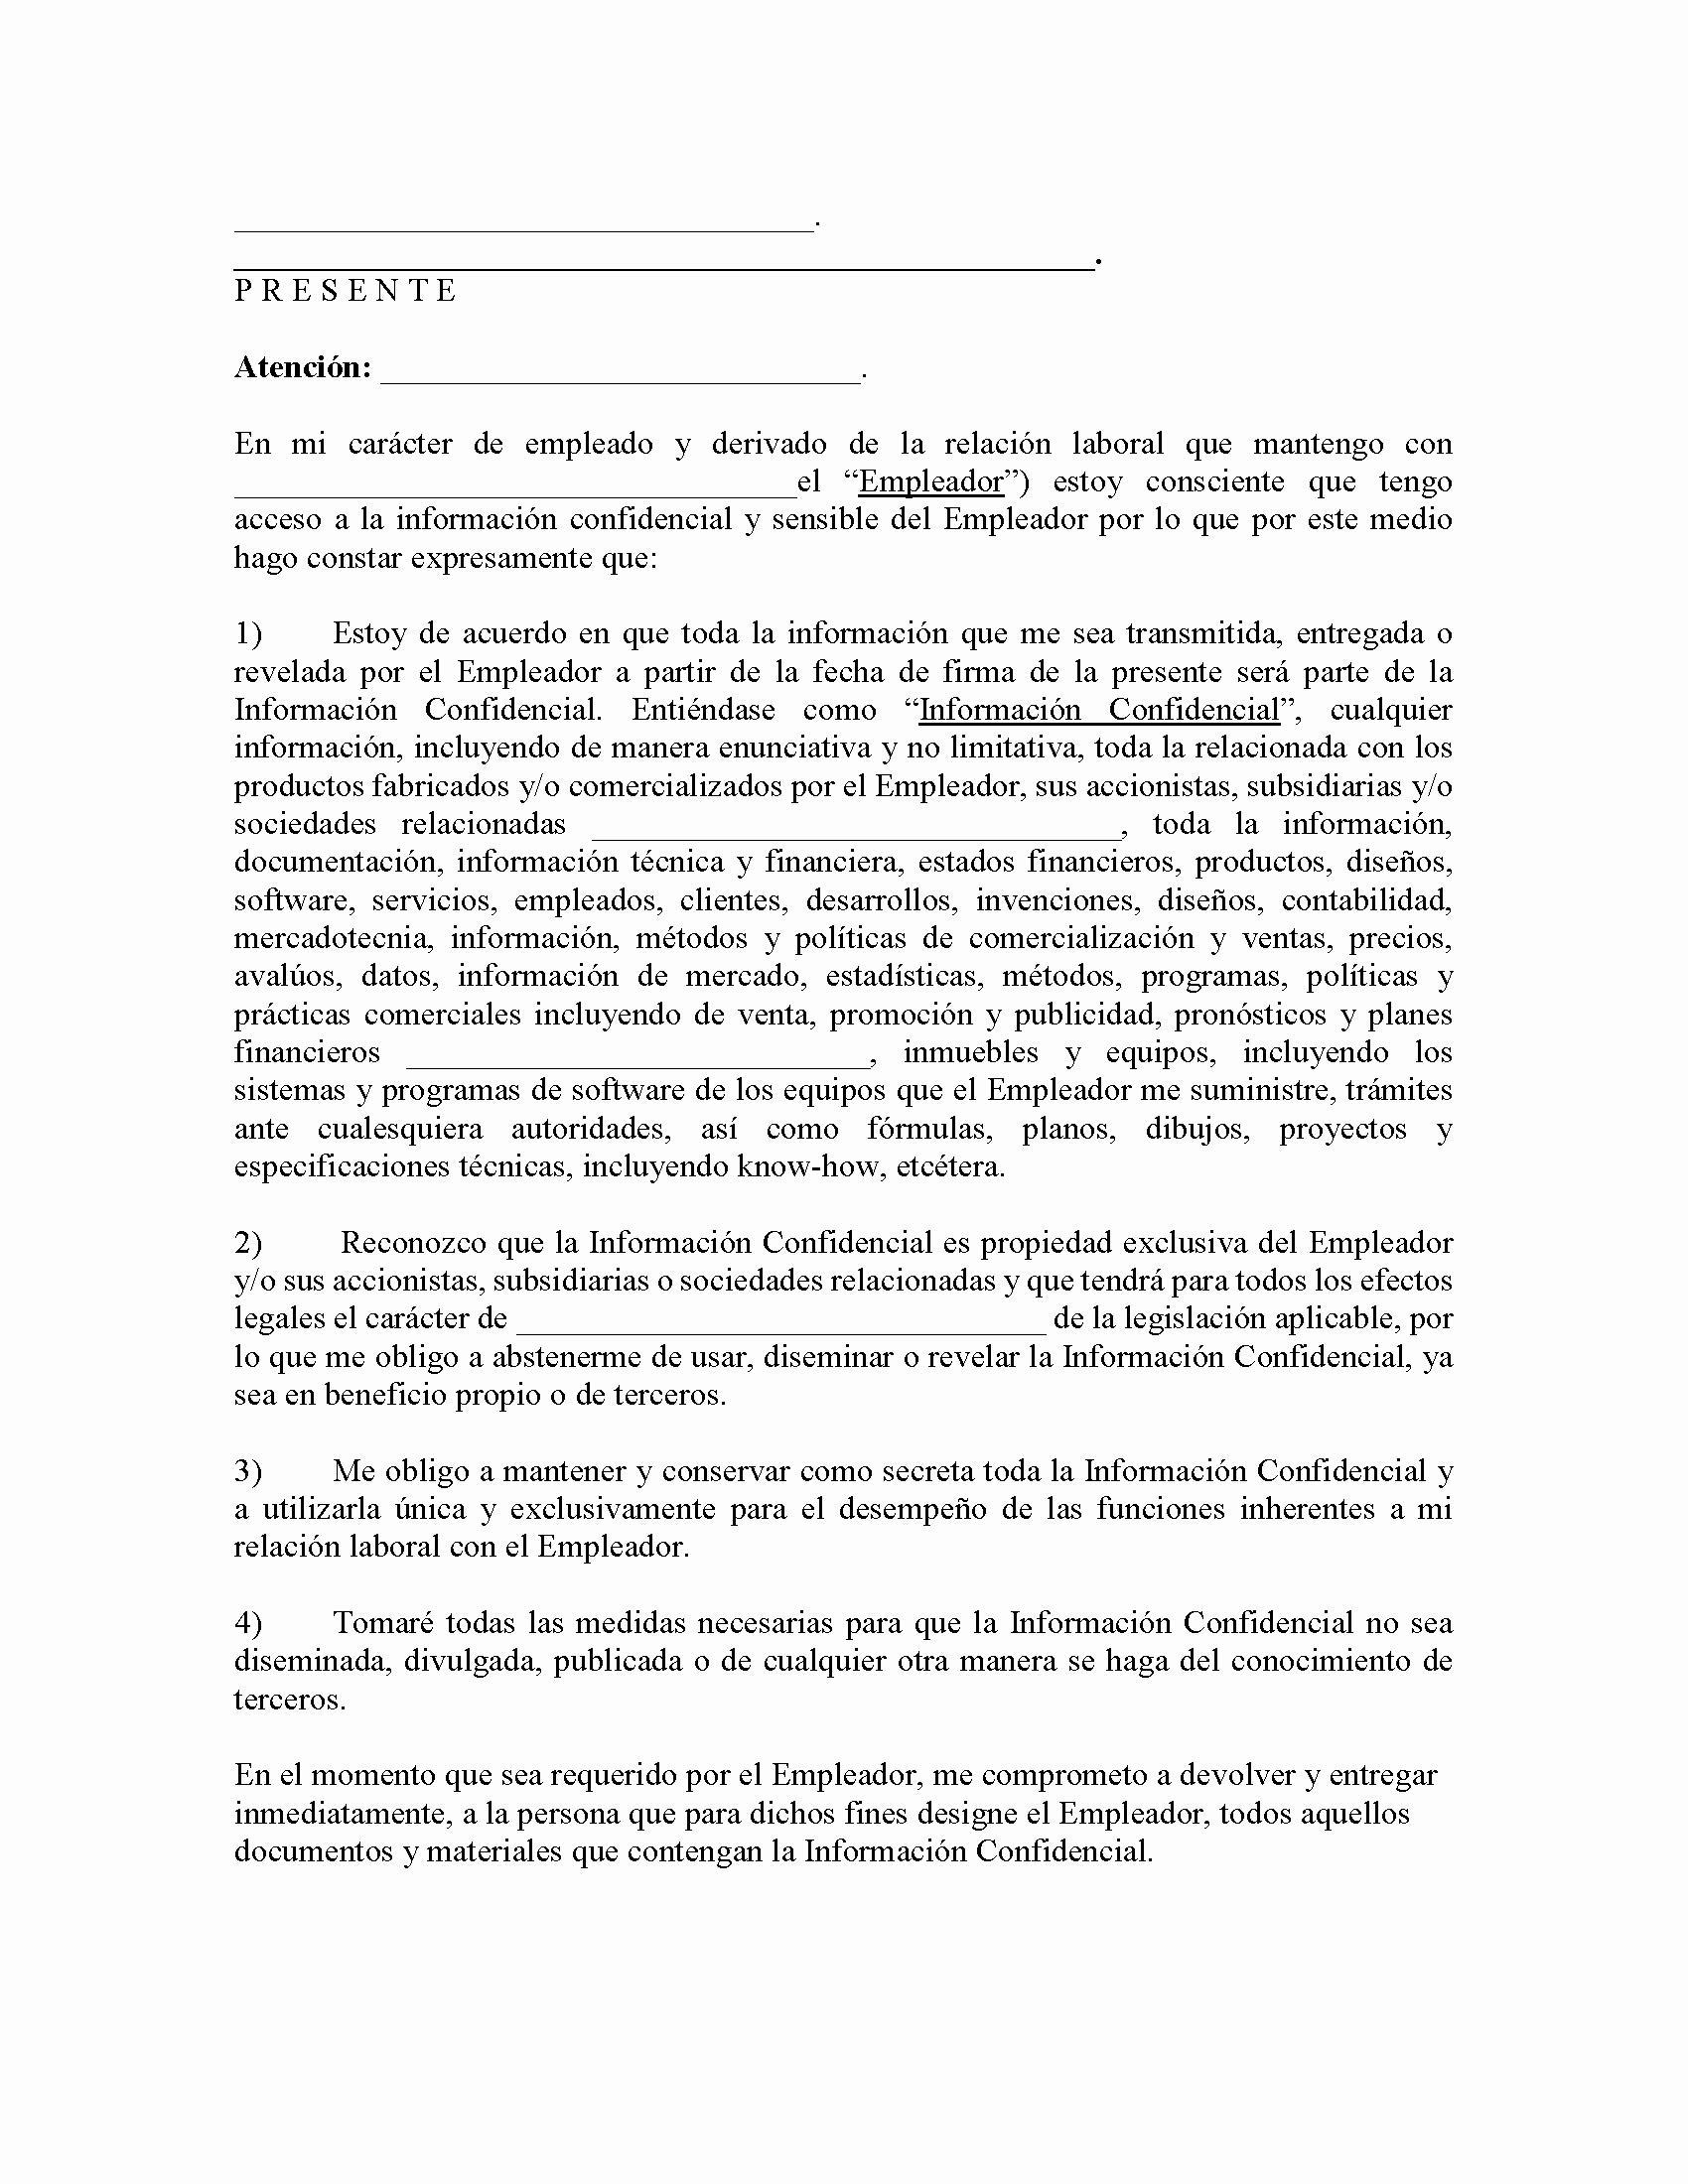 Machote De Carta De Renuncia Beautiful formato Carta Renuncia Mexico Legal Cialisguidebook